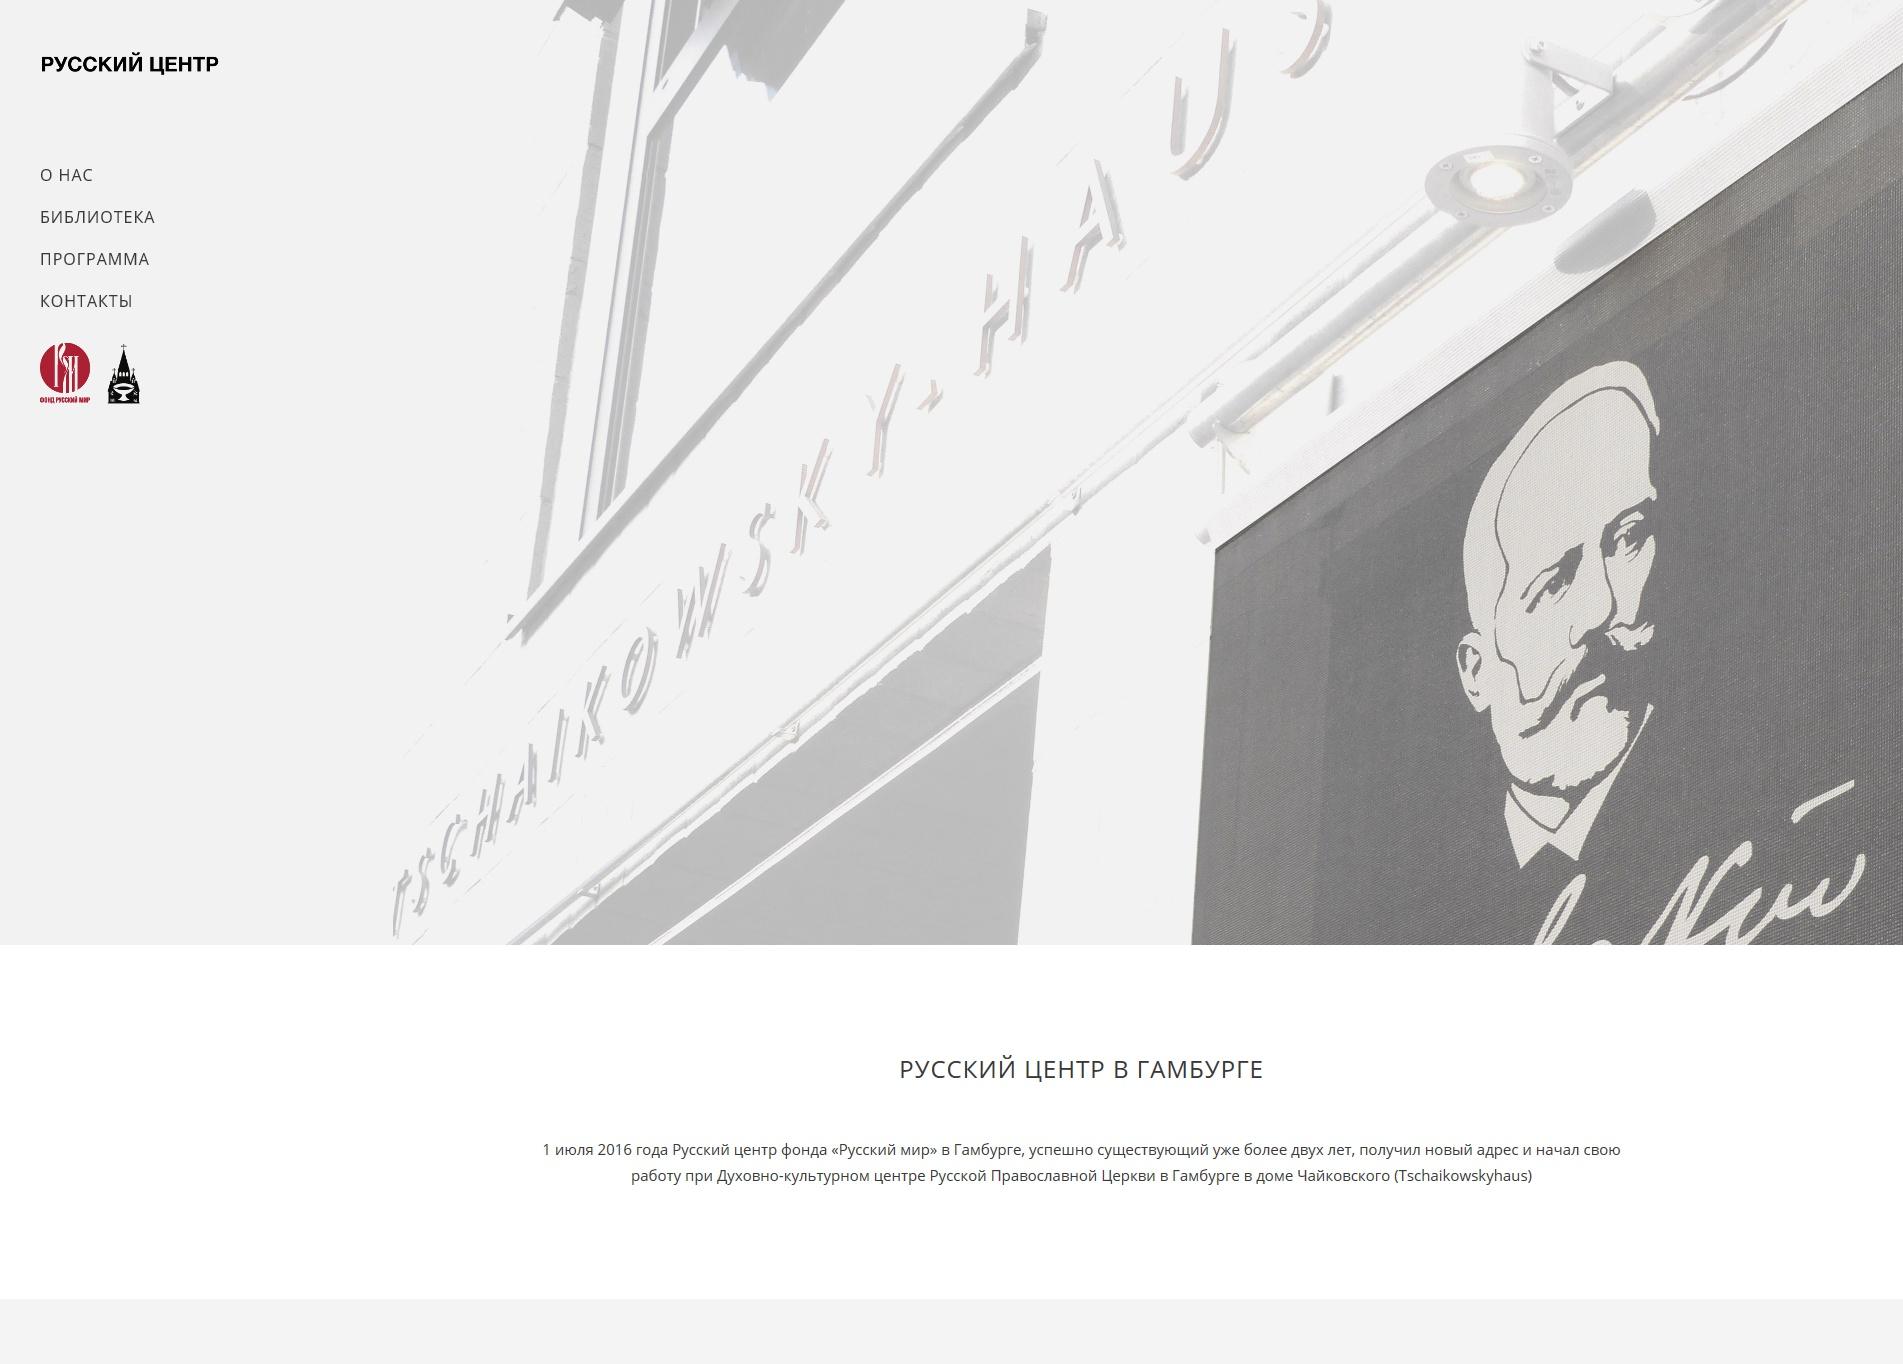 Русский центр фонда «Русский мир» в Гамбурге